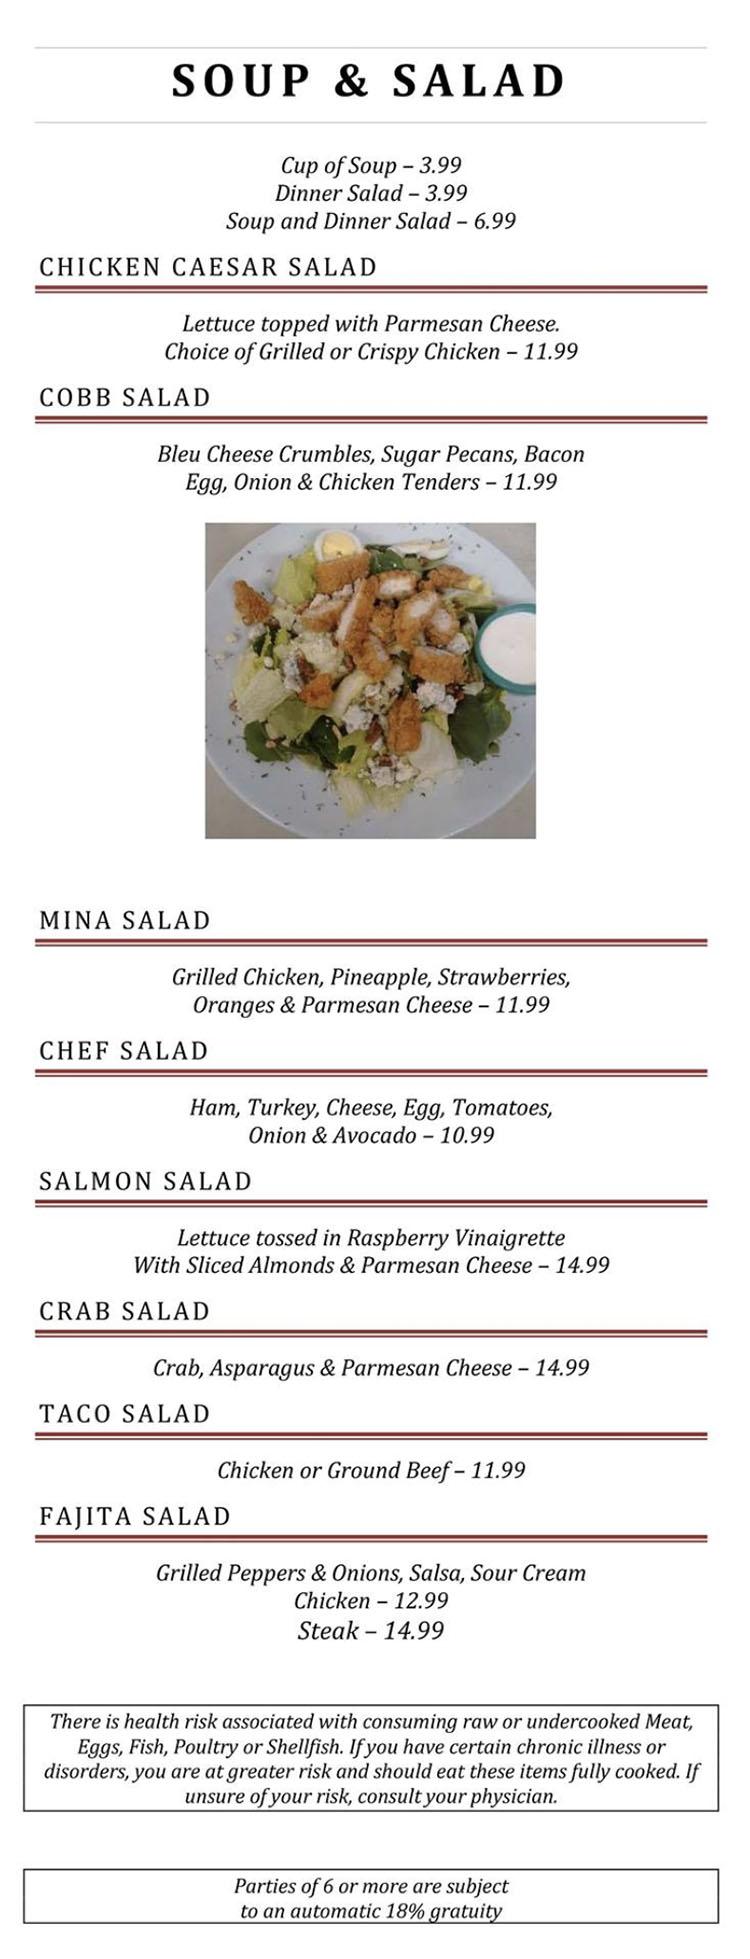 Blue Jay Cafe menu - soup, salad